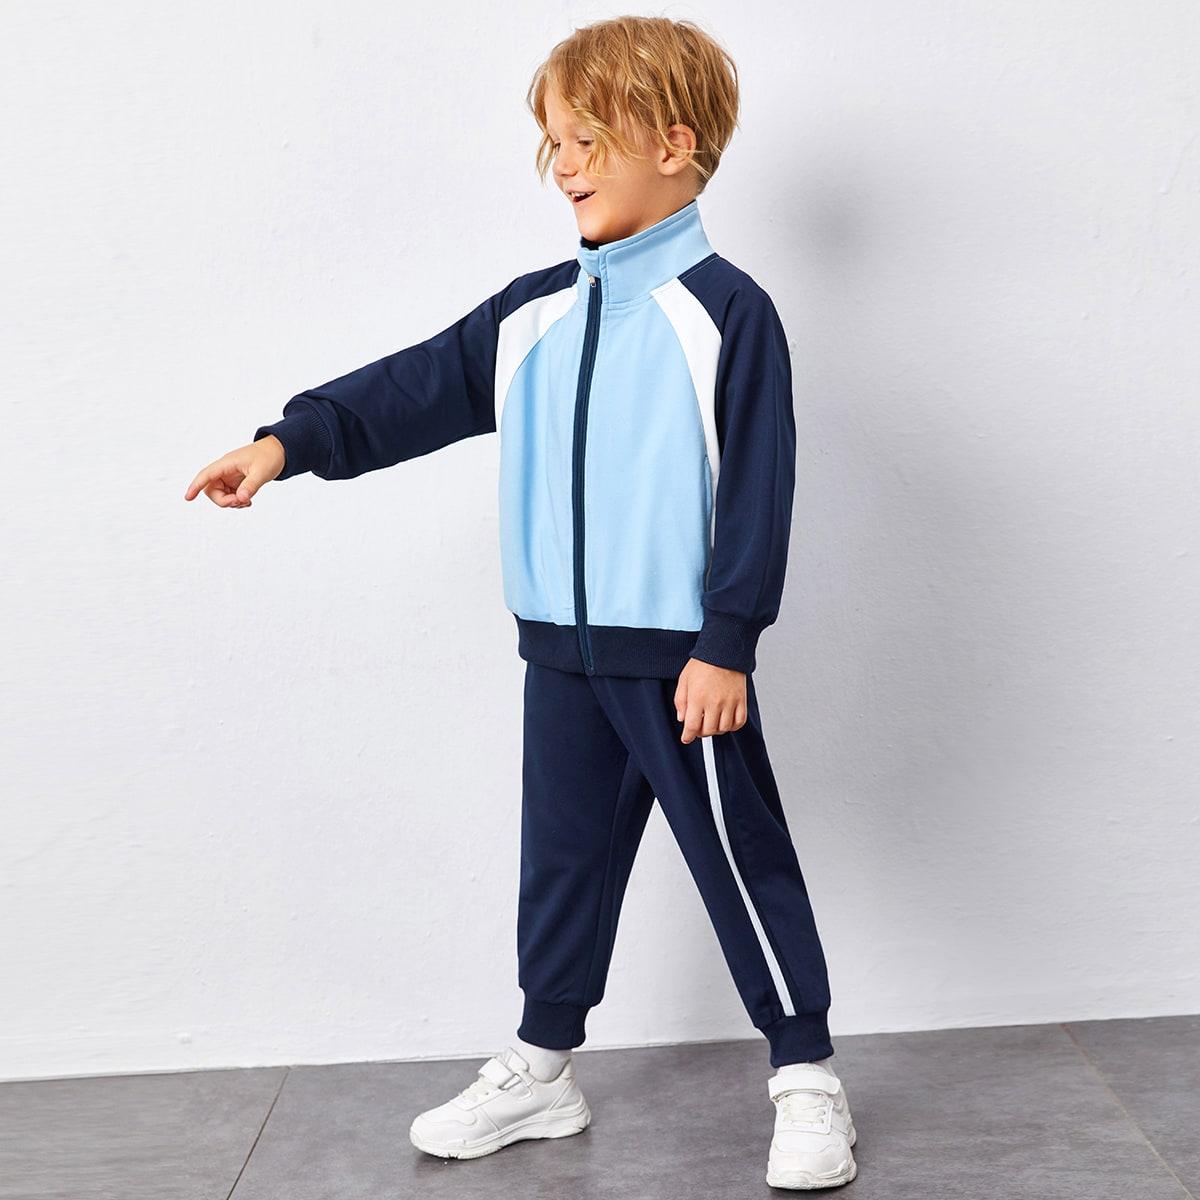 Застежка Контрастный цвет Спортивный Комплекты для мальчиков